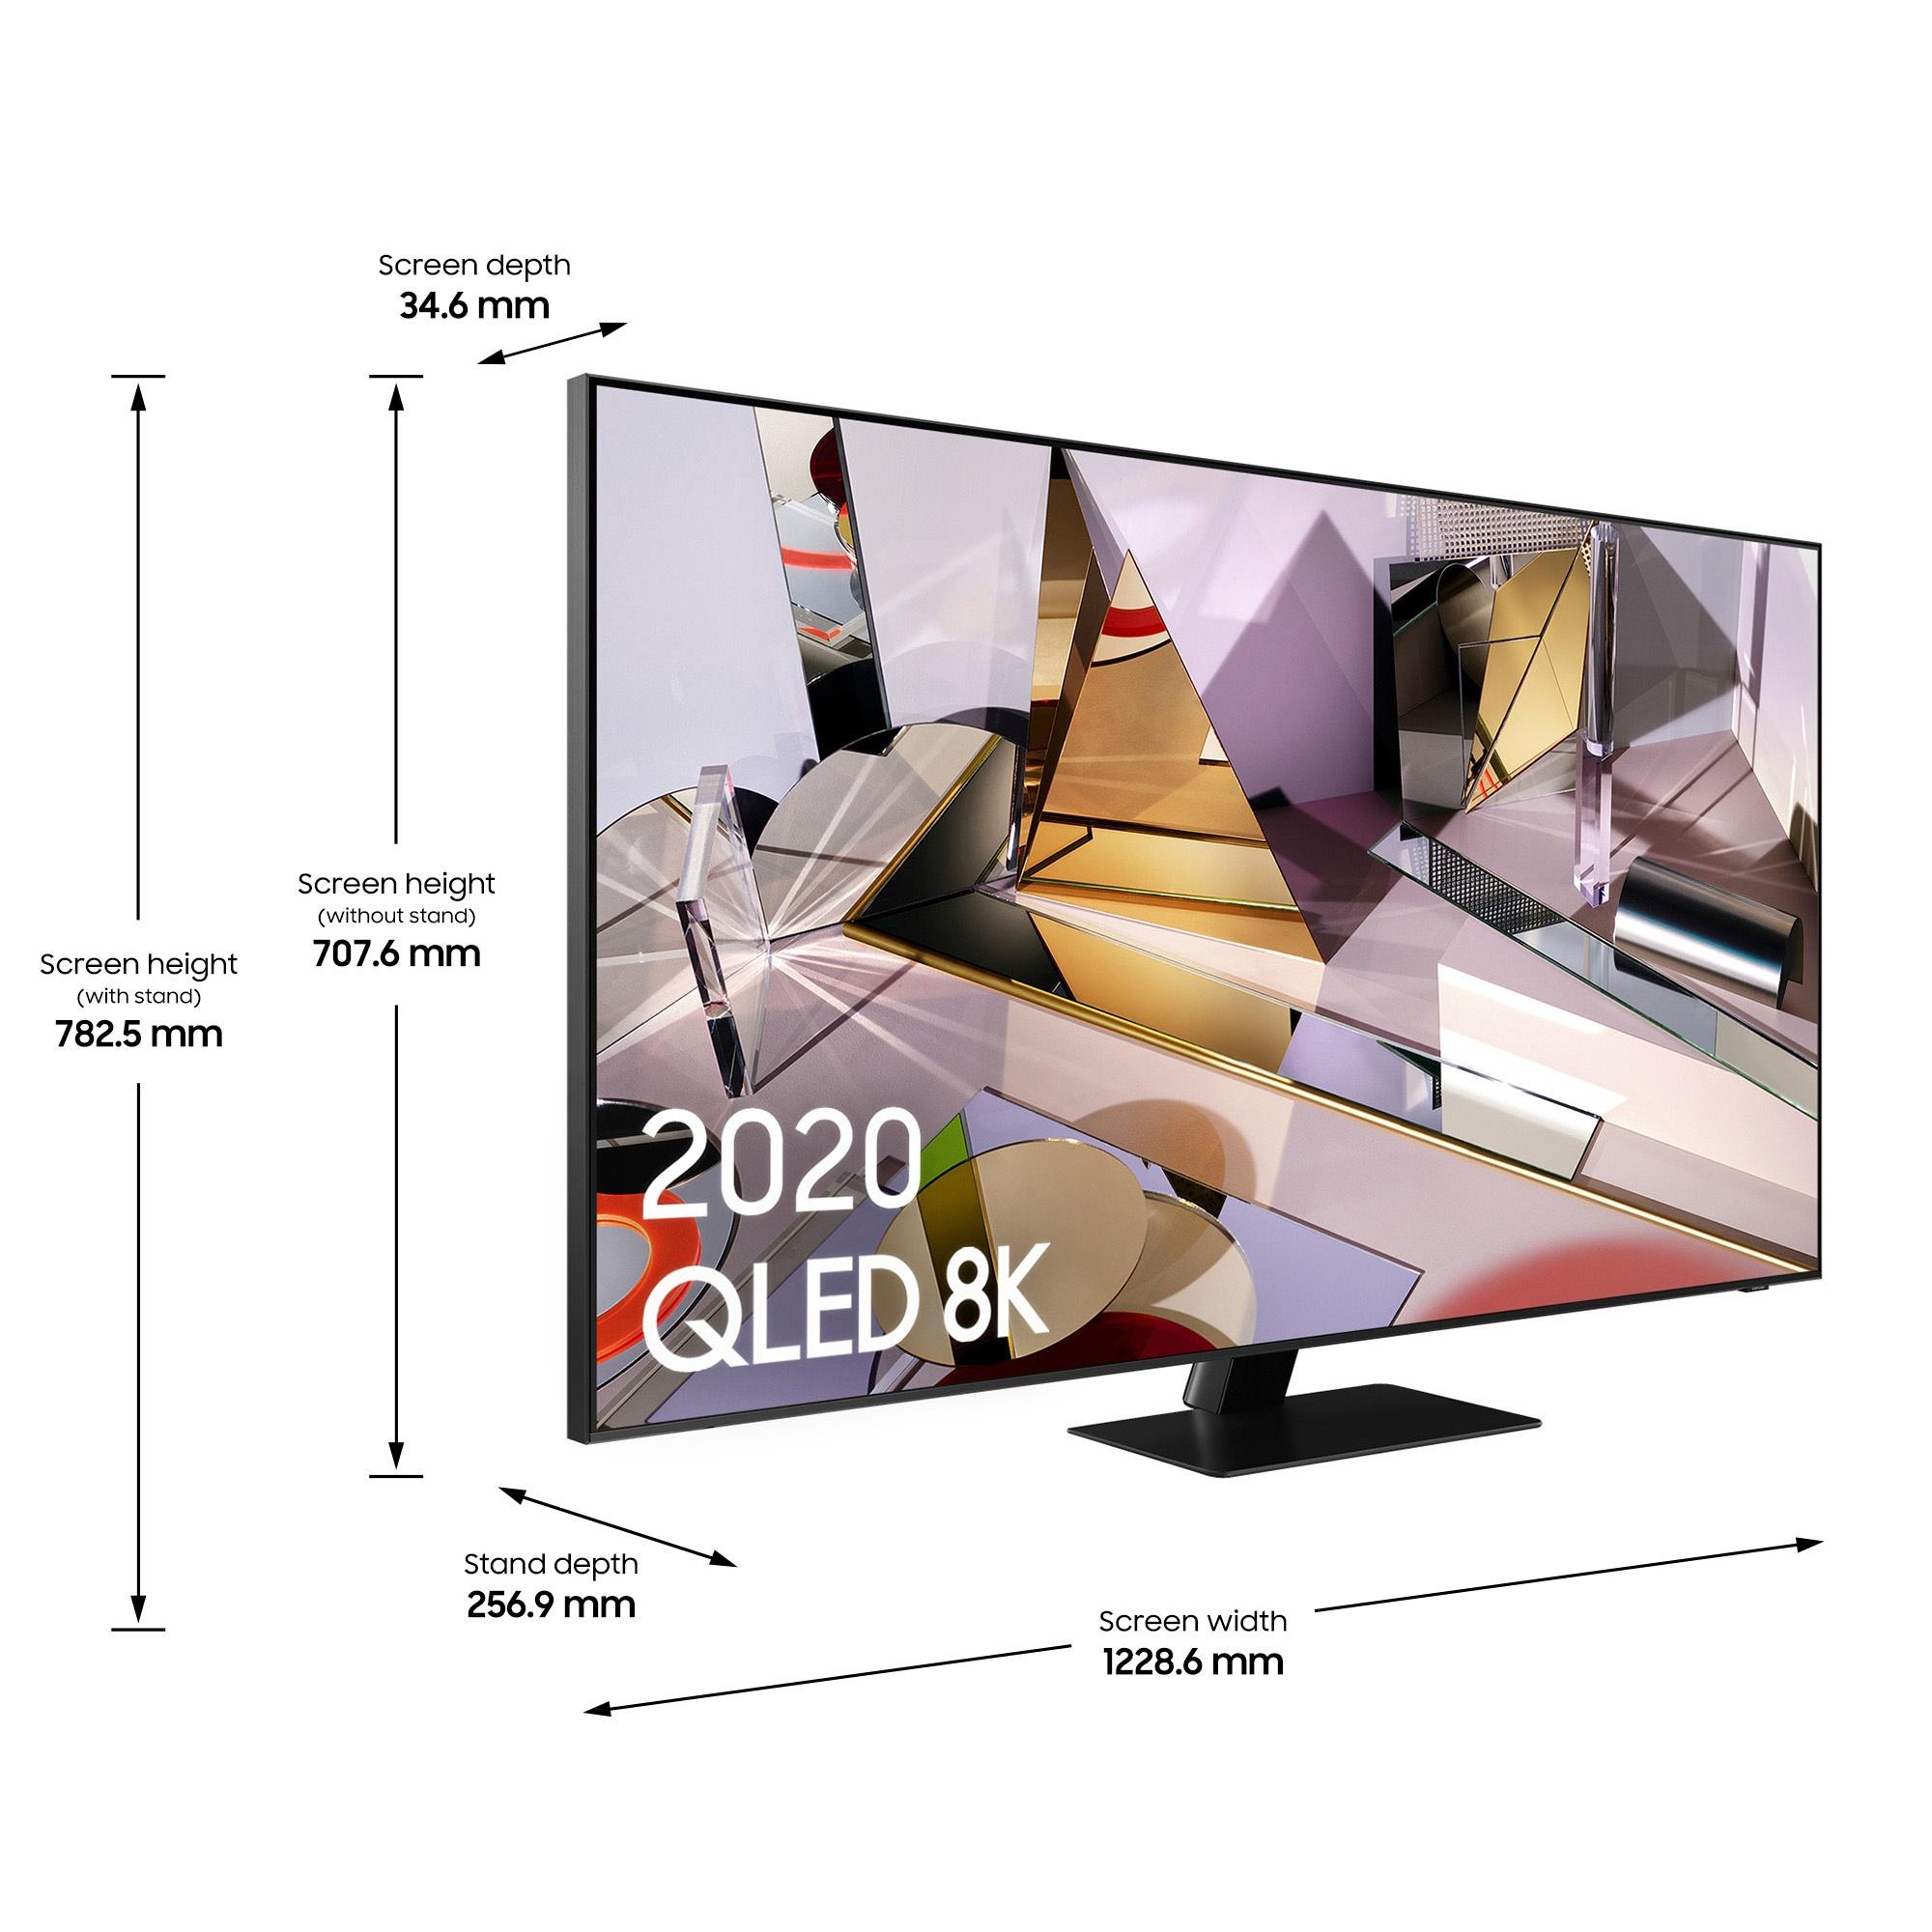 Samsung Q700T 8K